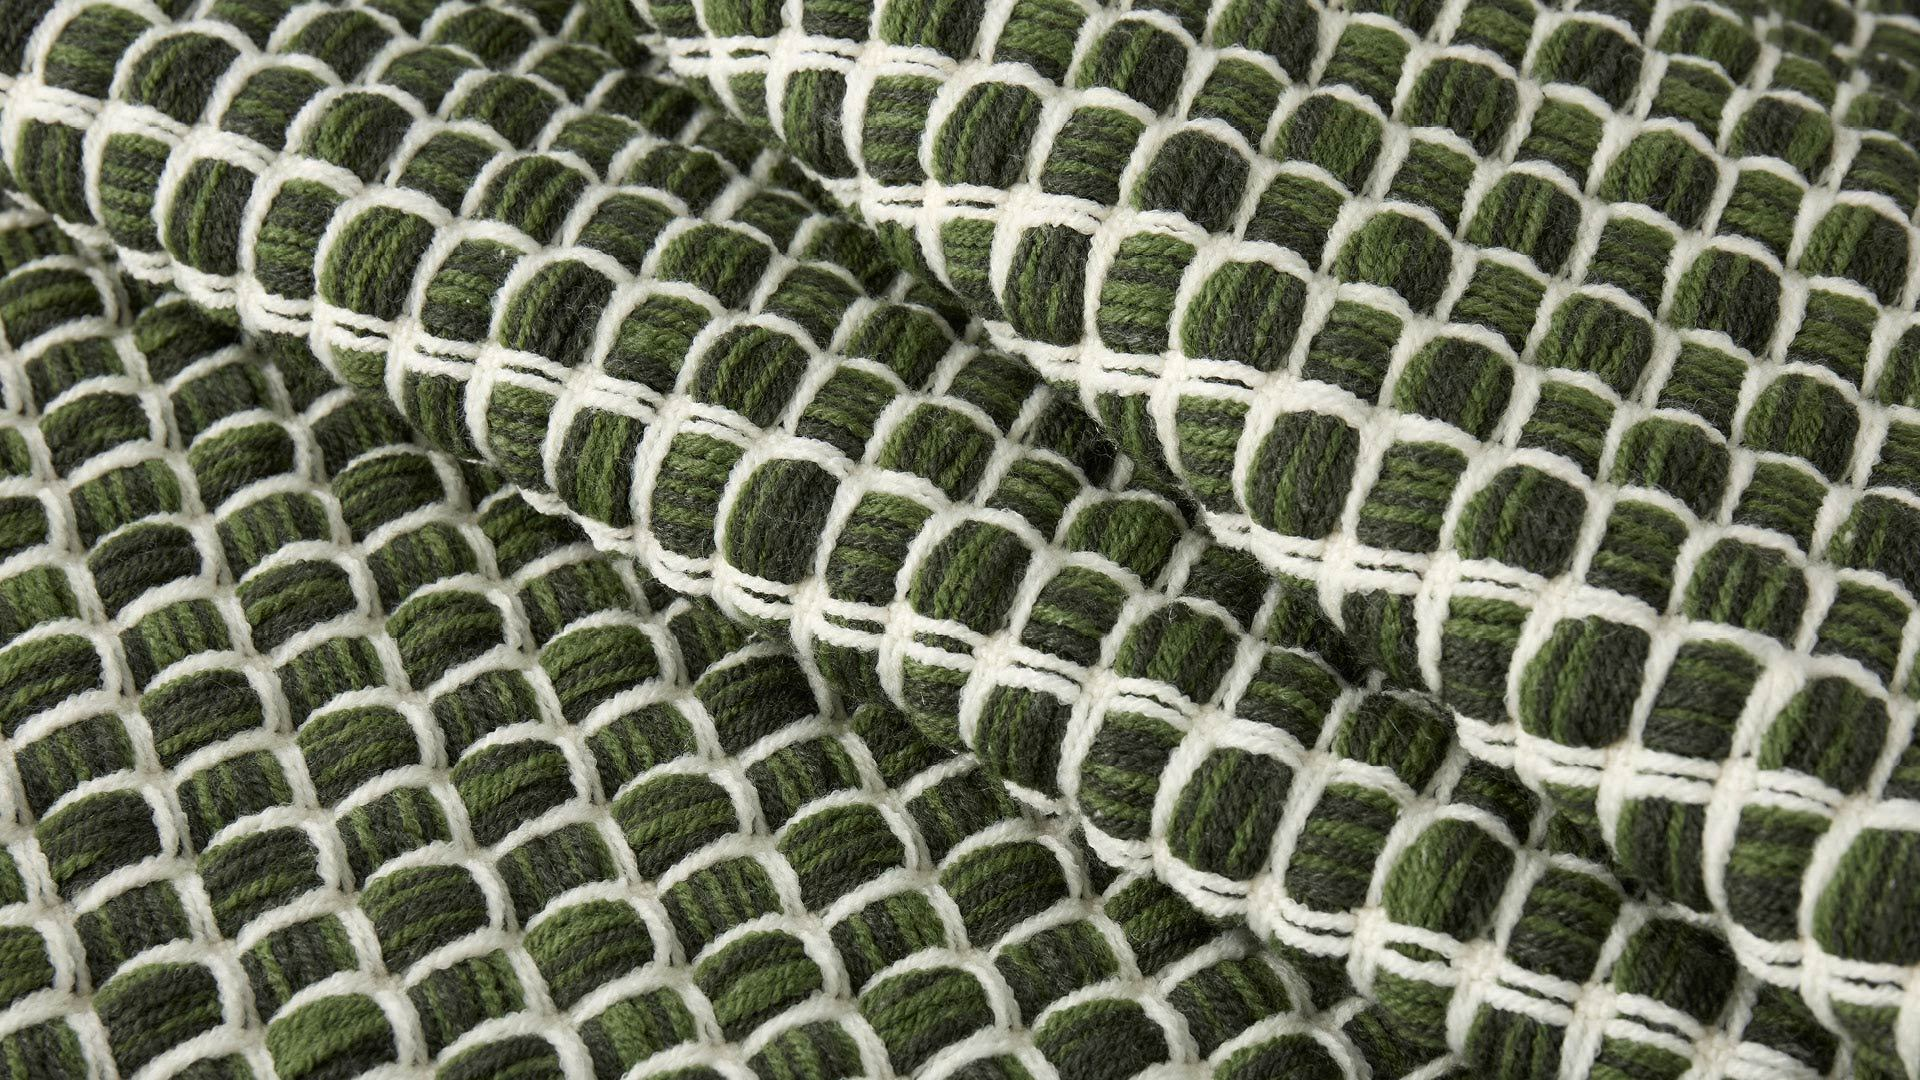 酥糖造型灵感,撞色编织<br/>给空间明亮装饰